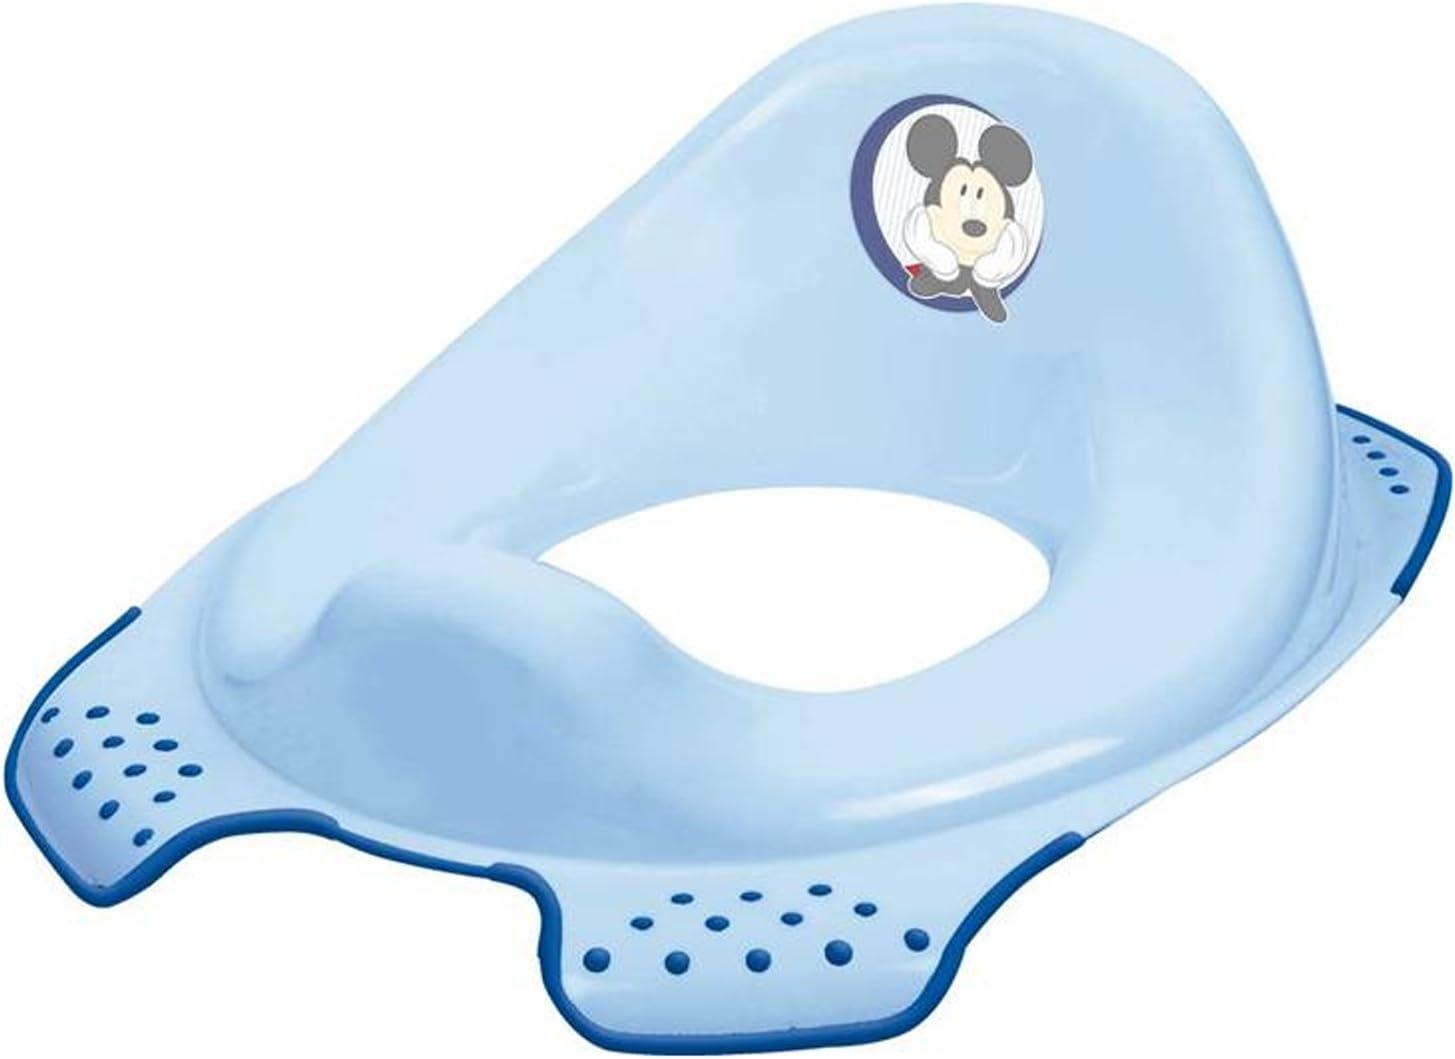 Plastimyr Reductor WC Niños MICKEY Azul